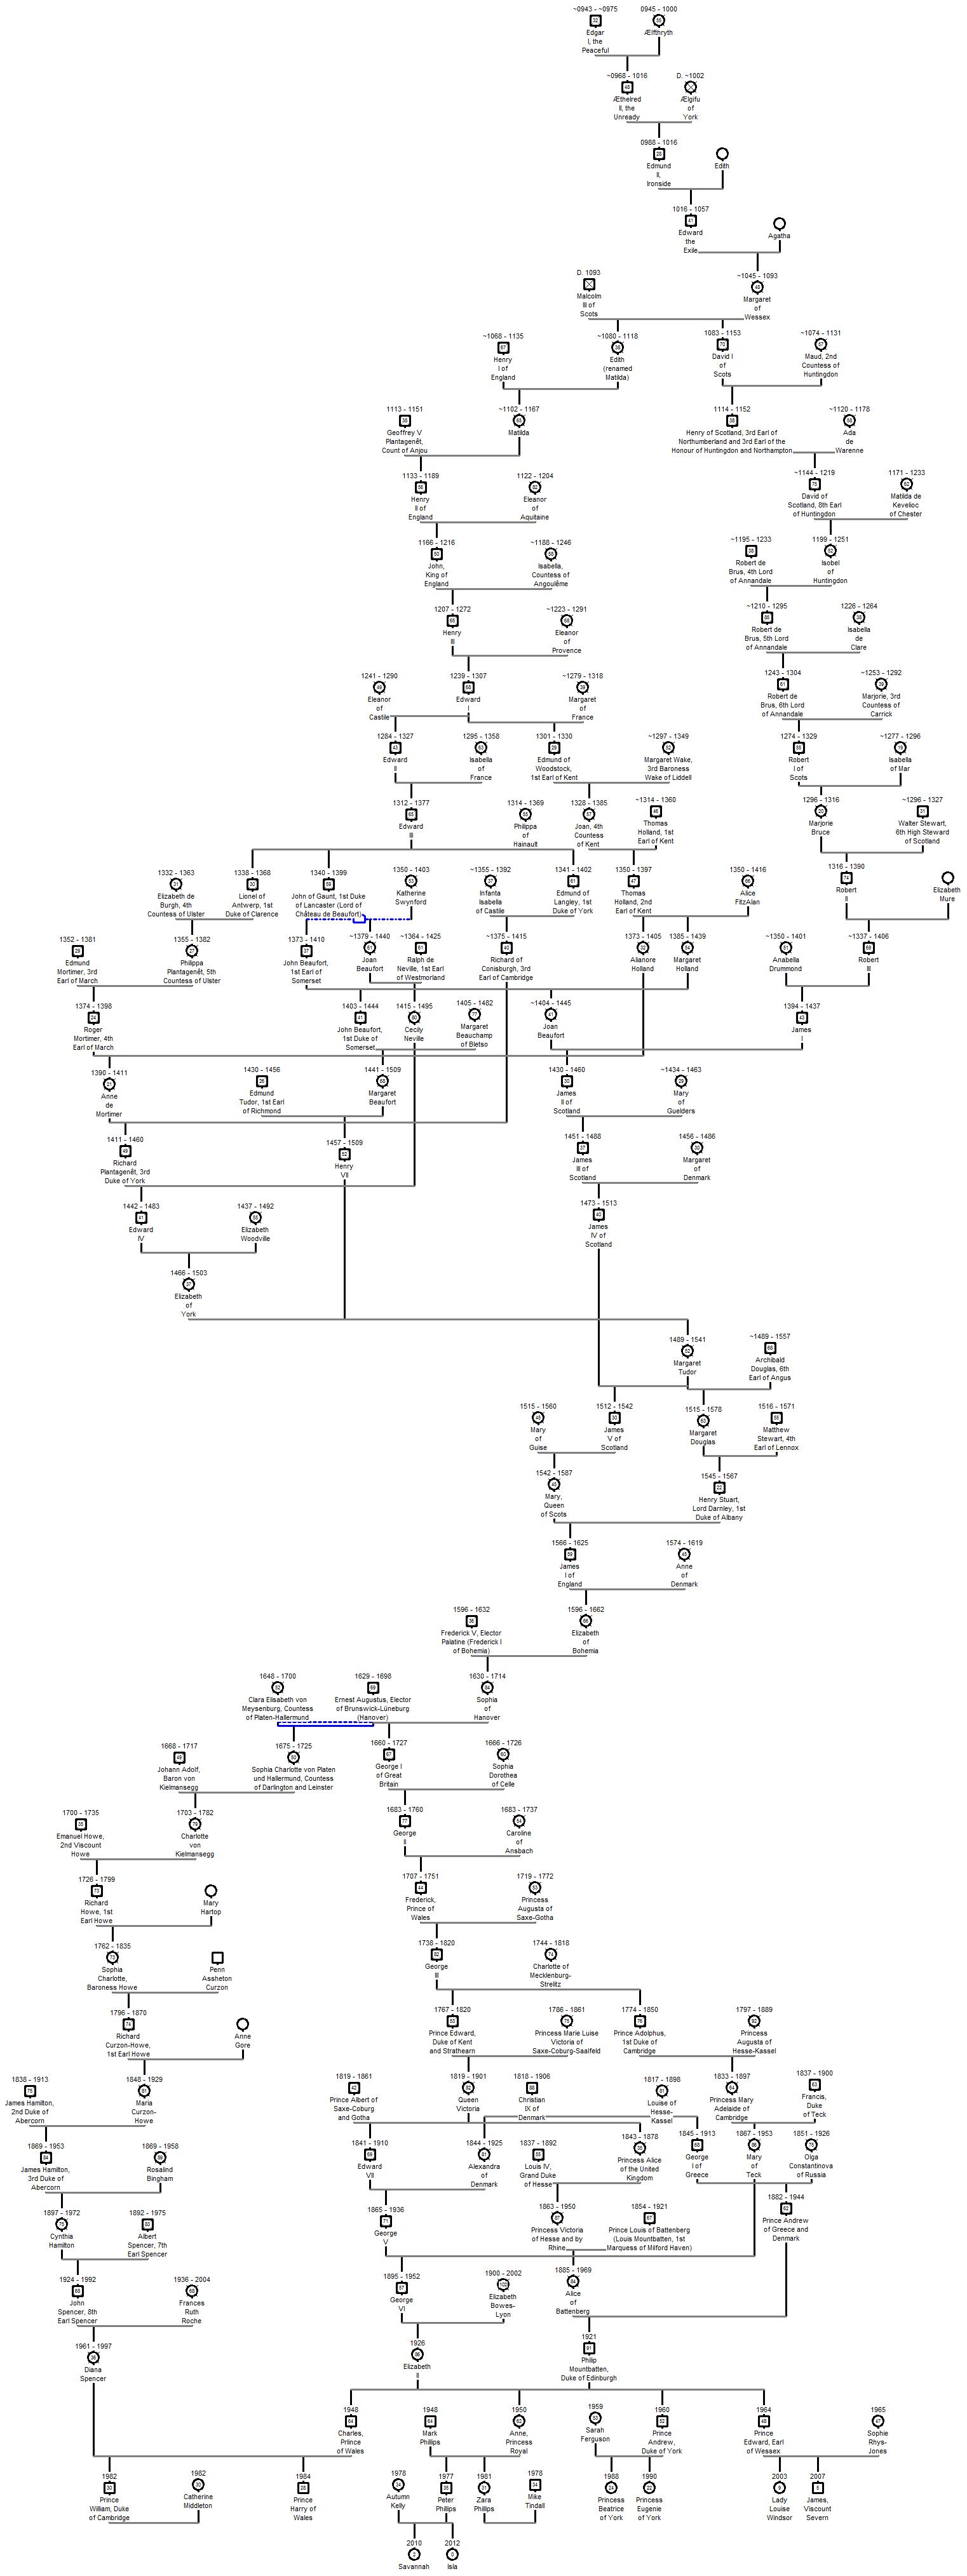 British Royal Family Tree Chart Heartpulsar